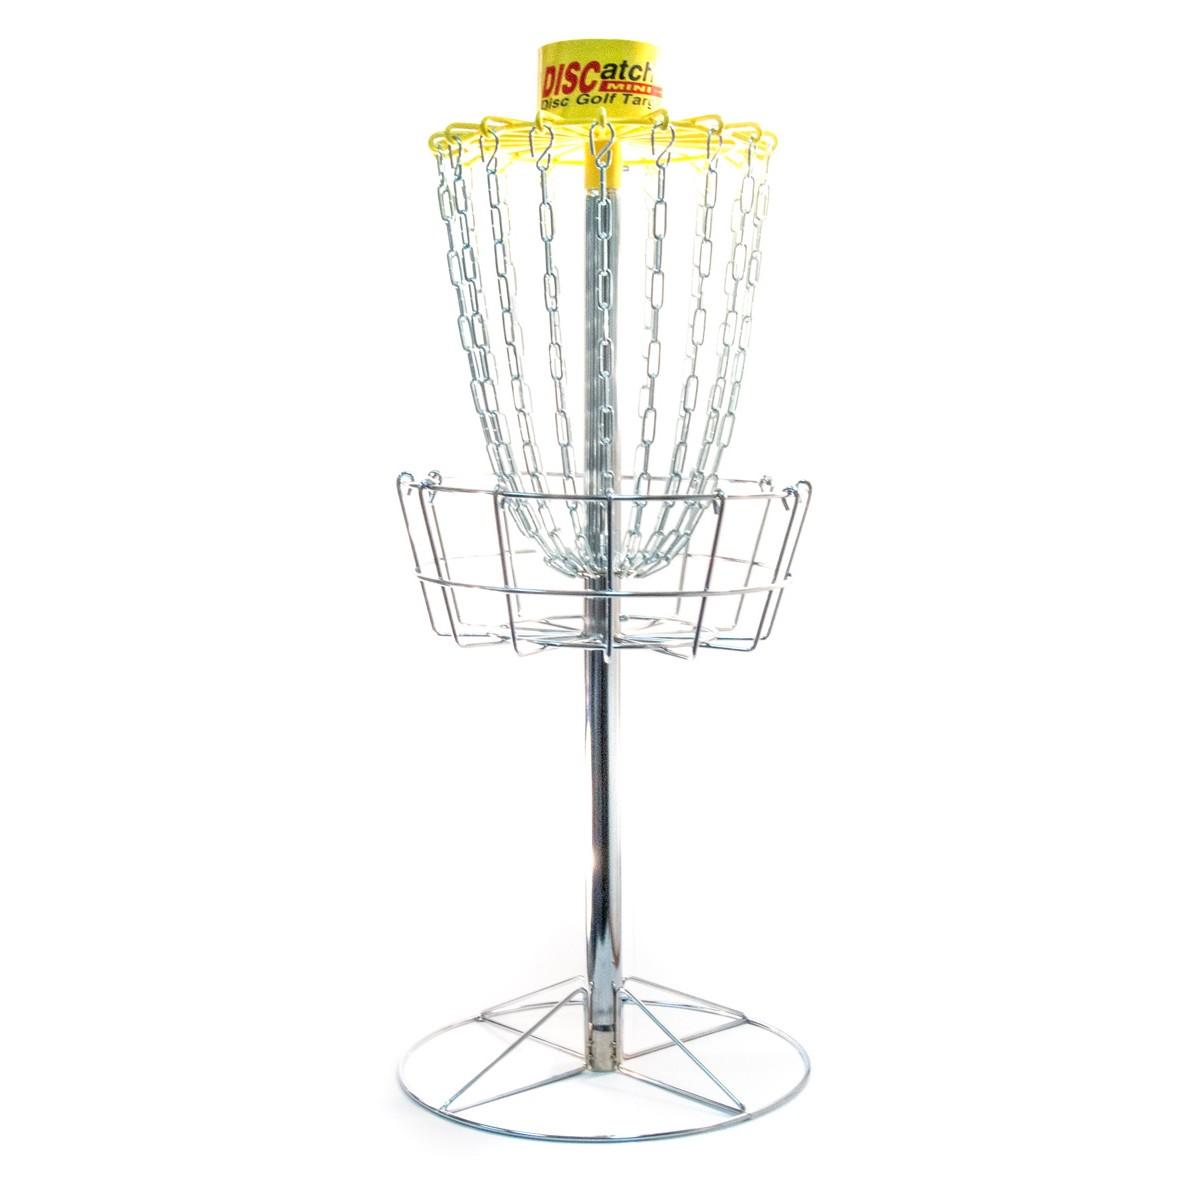 Innova Discatcher Mini Disc Golf Basket